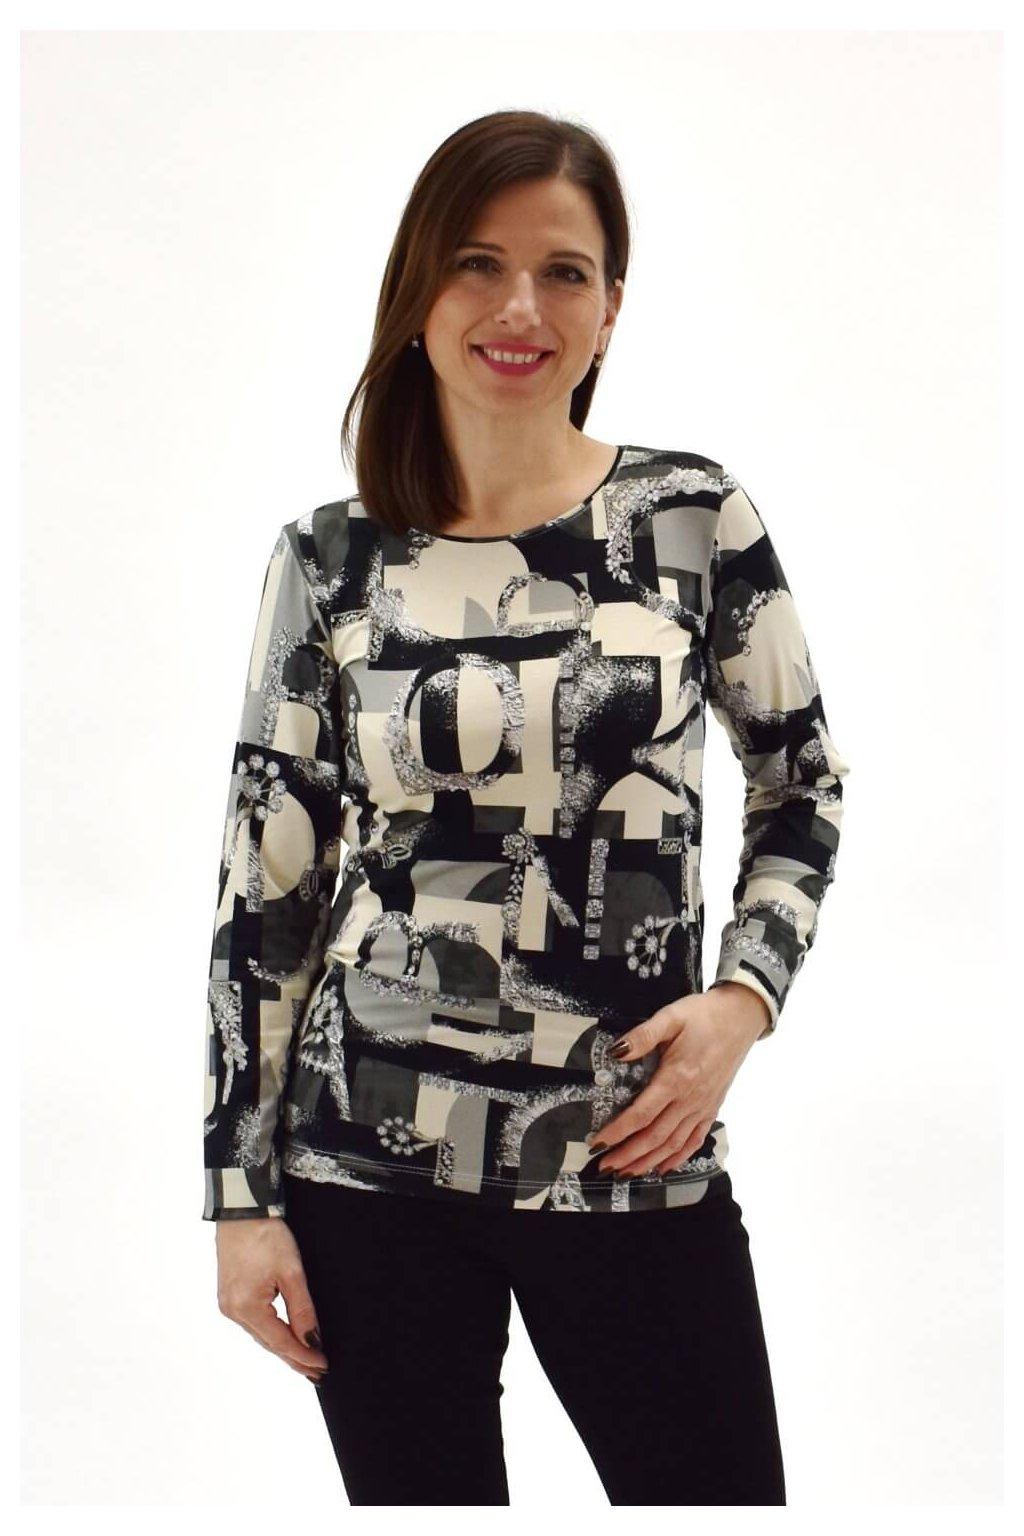 dámske tričko s potlačou kryštálov